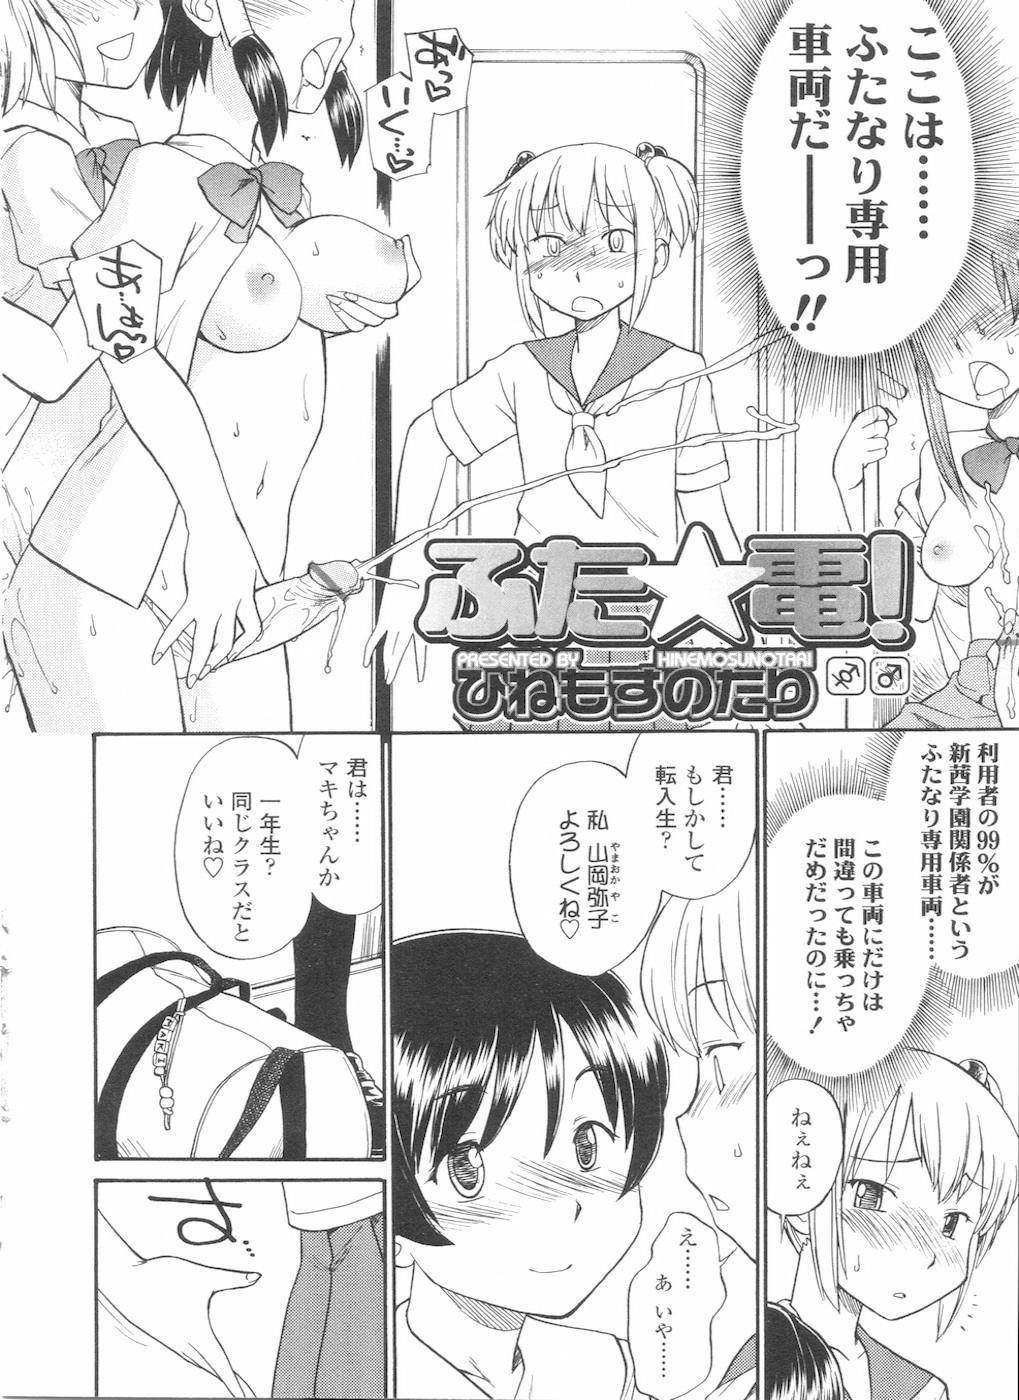 Futanarikko LOVE 11 95